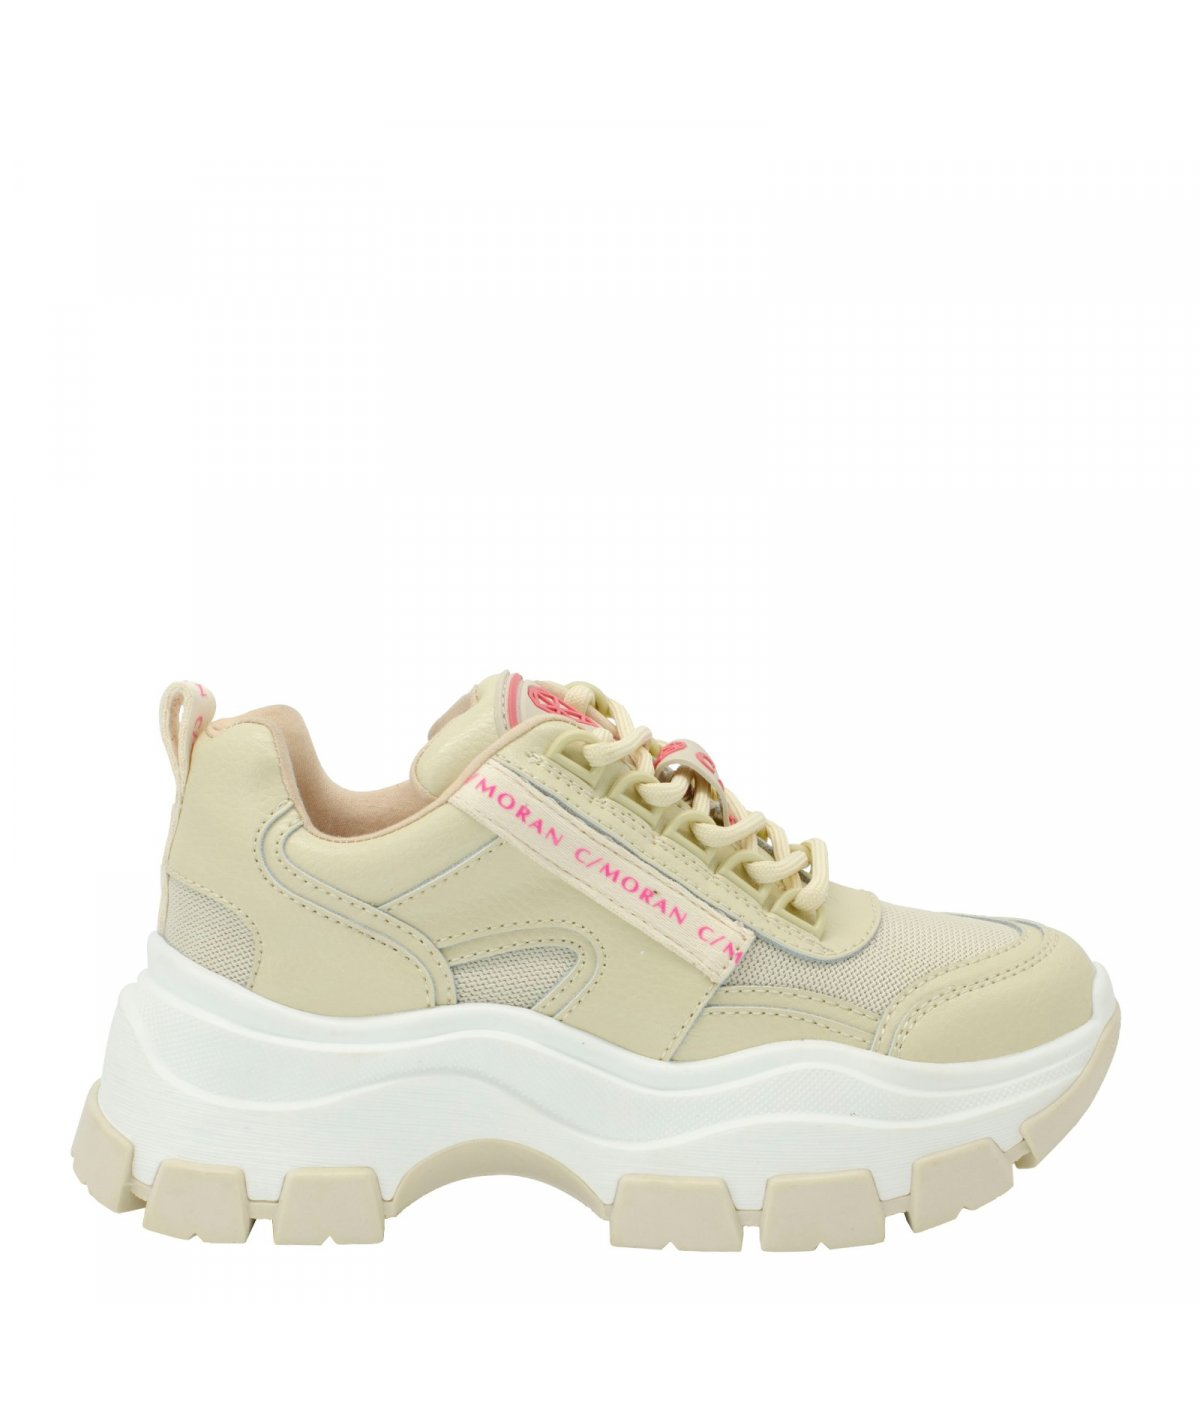 Zapatillas Mujer 328 Cuero